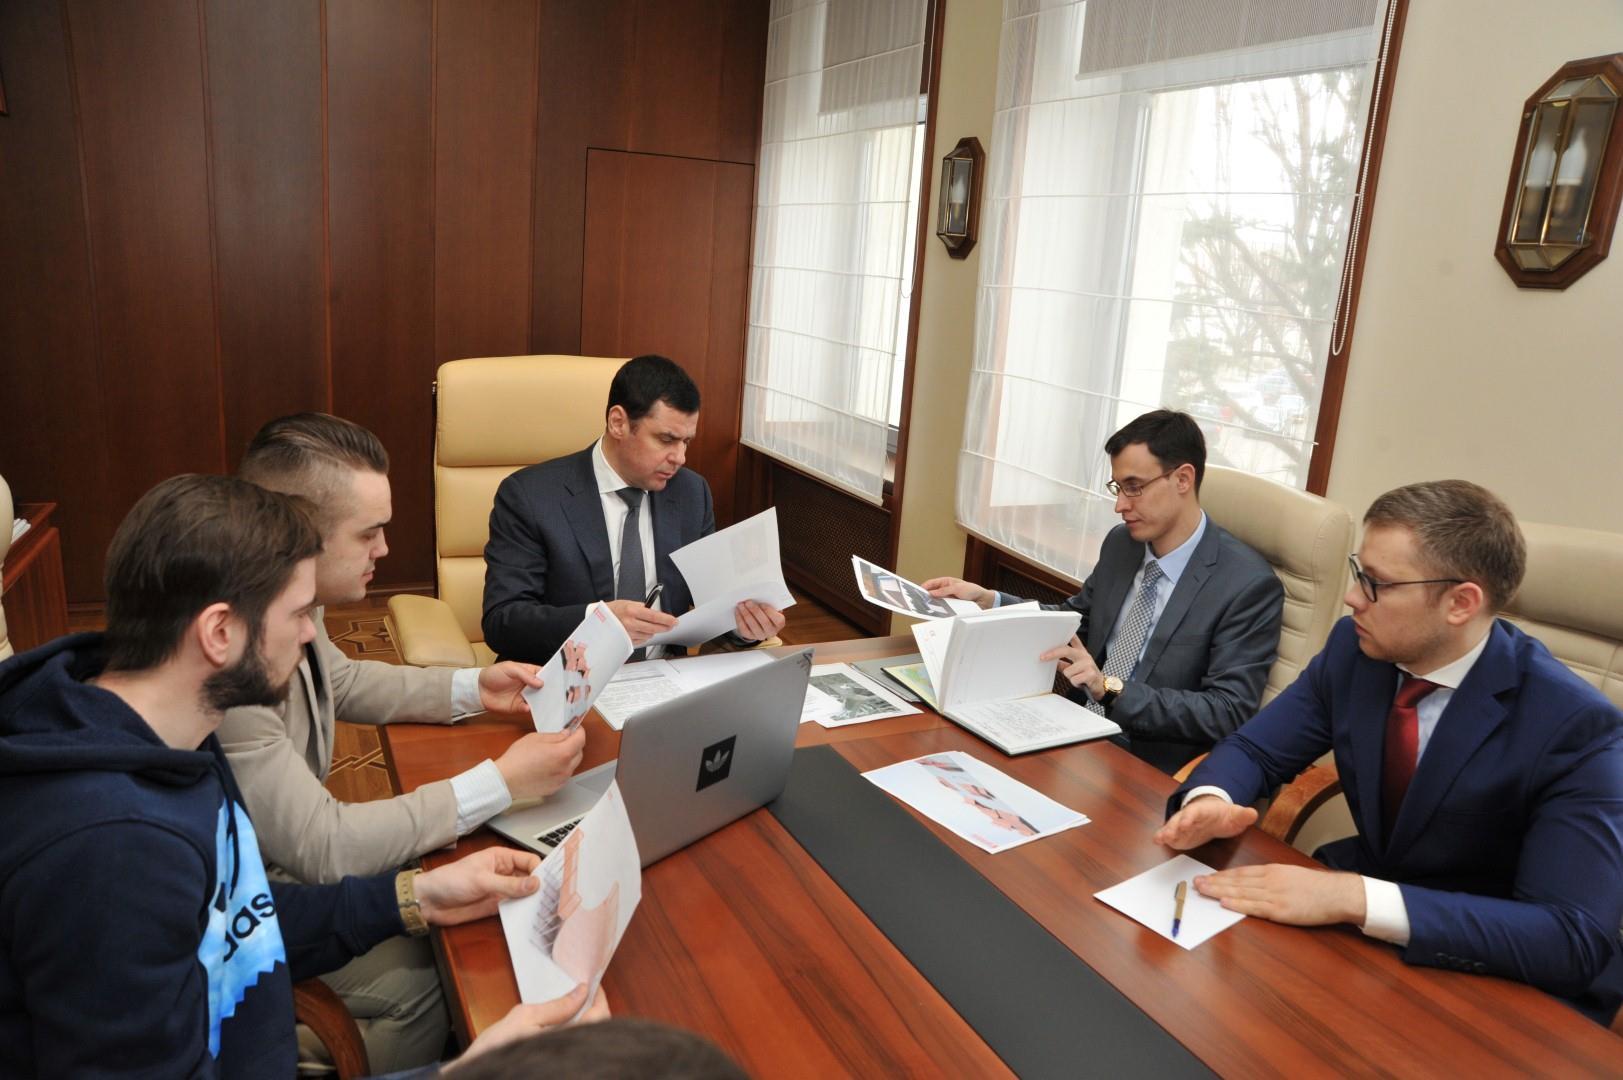 Дмитрий Миронов: «В ближайшее время решим вопрос со строительством площадки для скейтбординга и роллер-спорта»